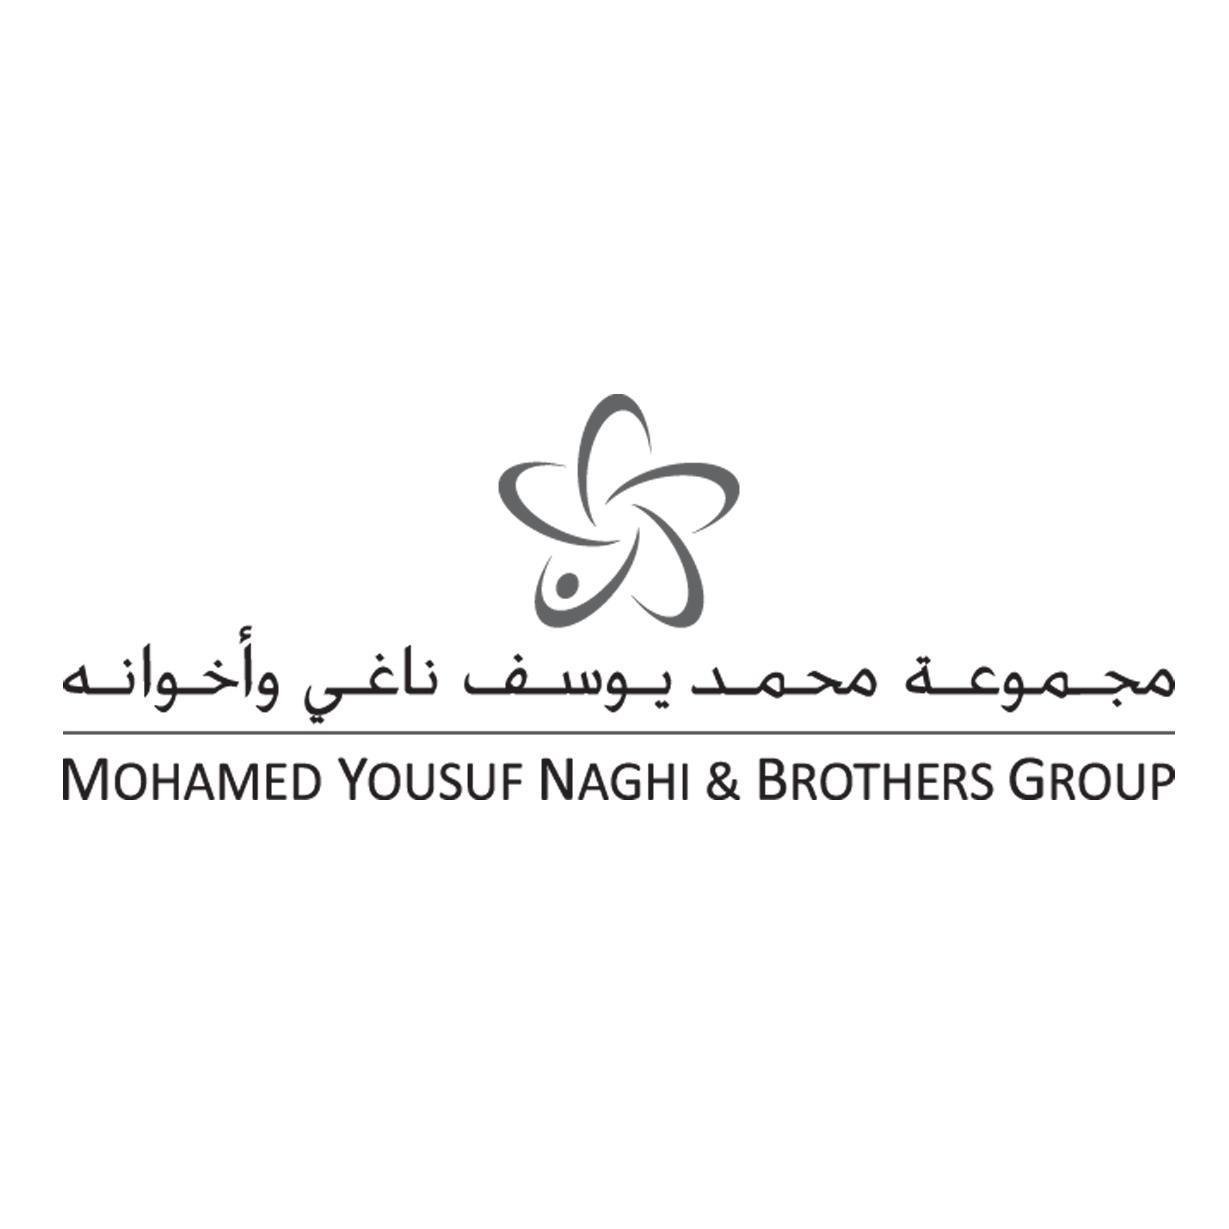 وظائف مجموعة محمد يوسف ناغي واخوانه